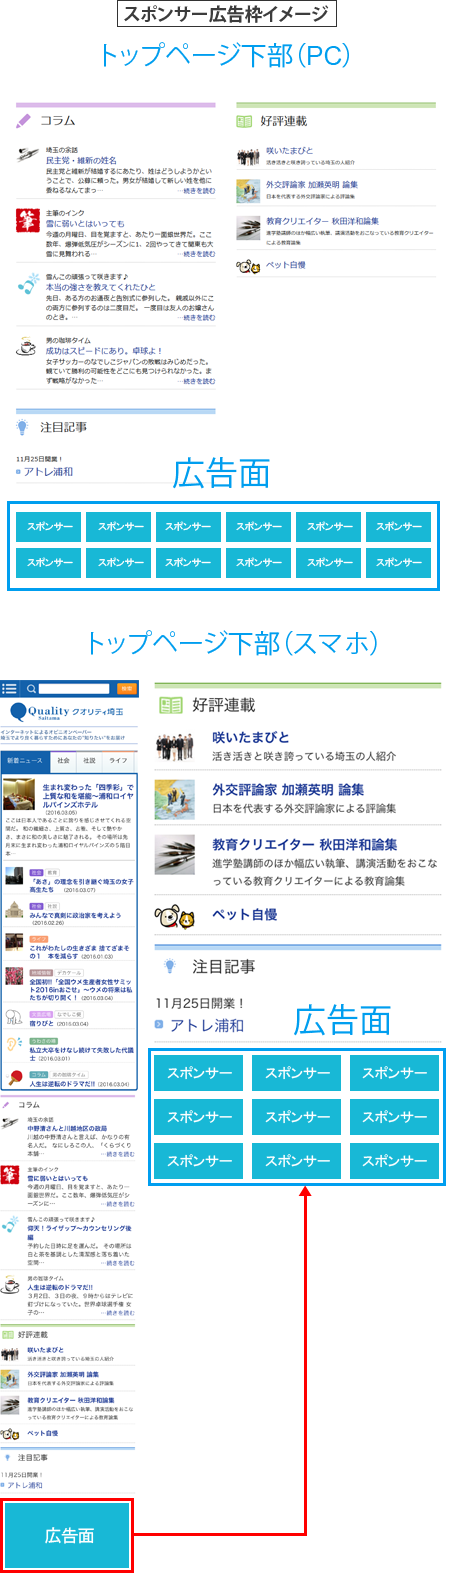 クオリティ埼玉